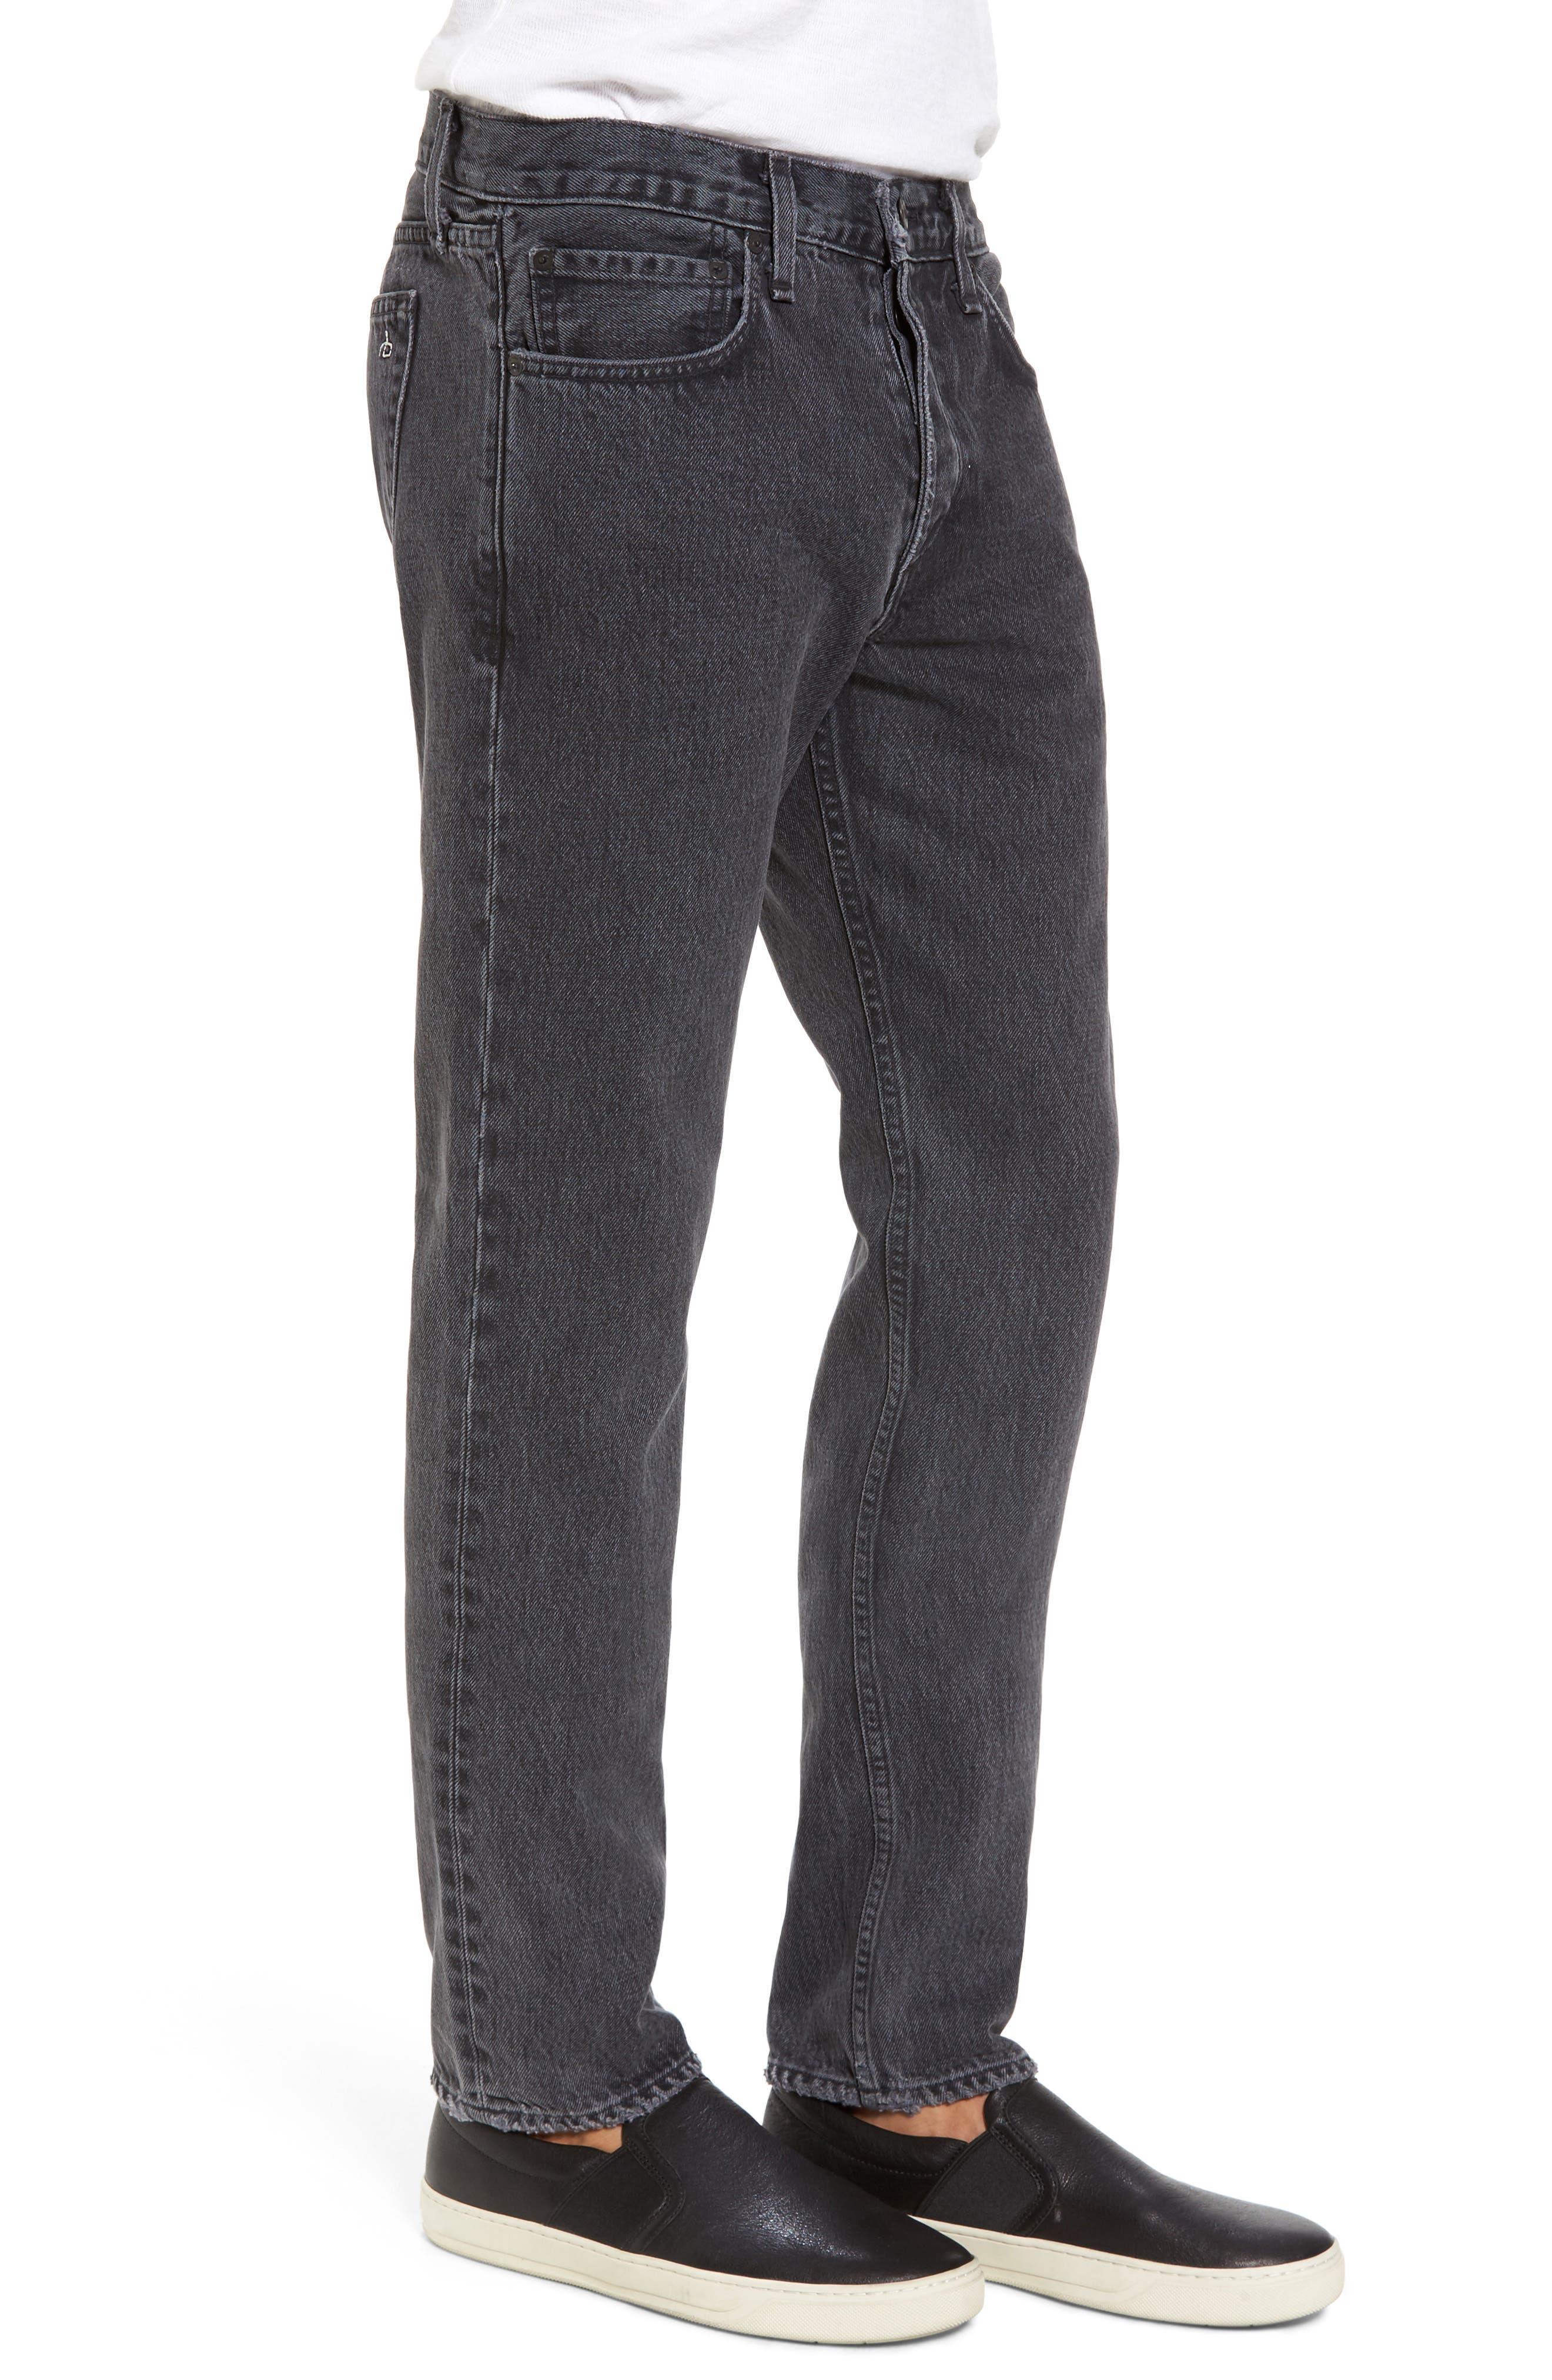 Fit 2 Slim Fit Jeans,                             Alternate thumbnail 3, color,                             001